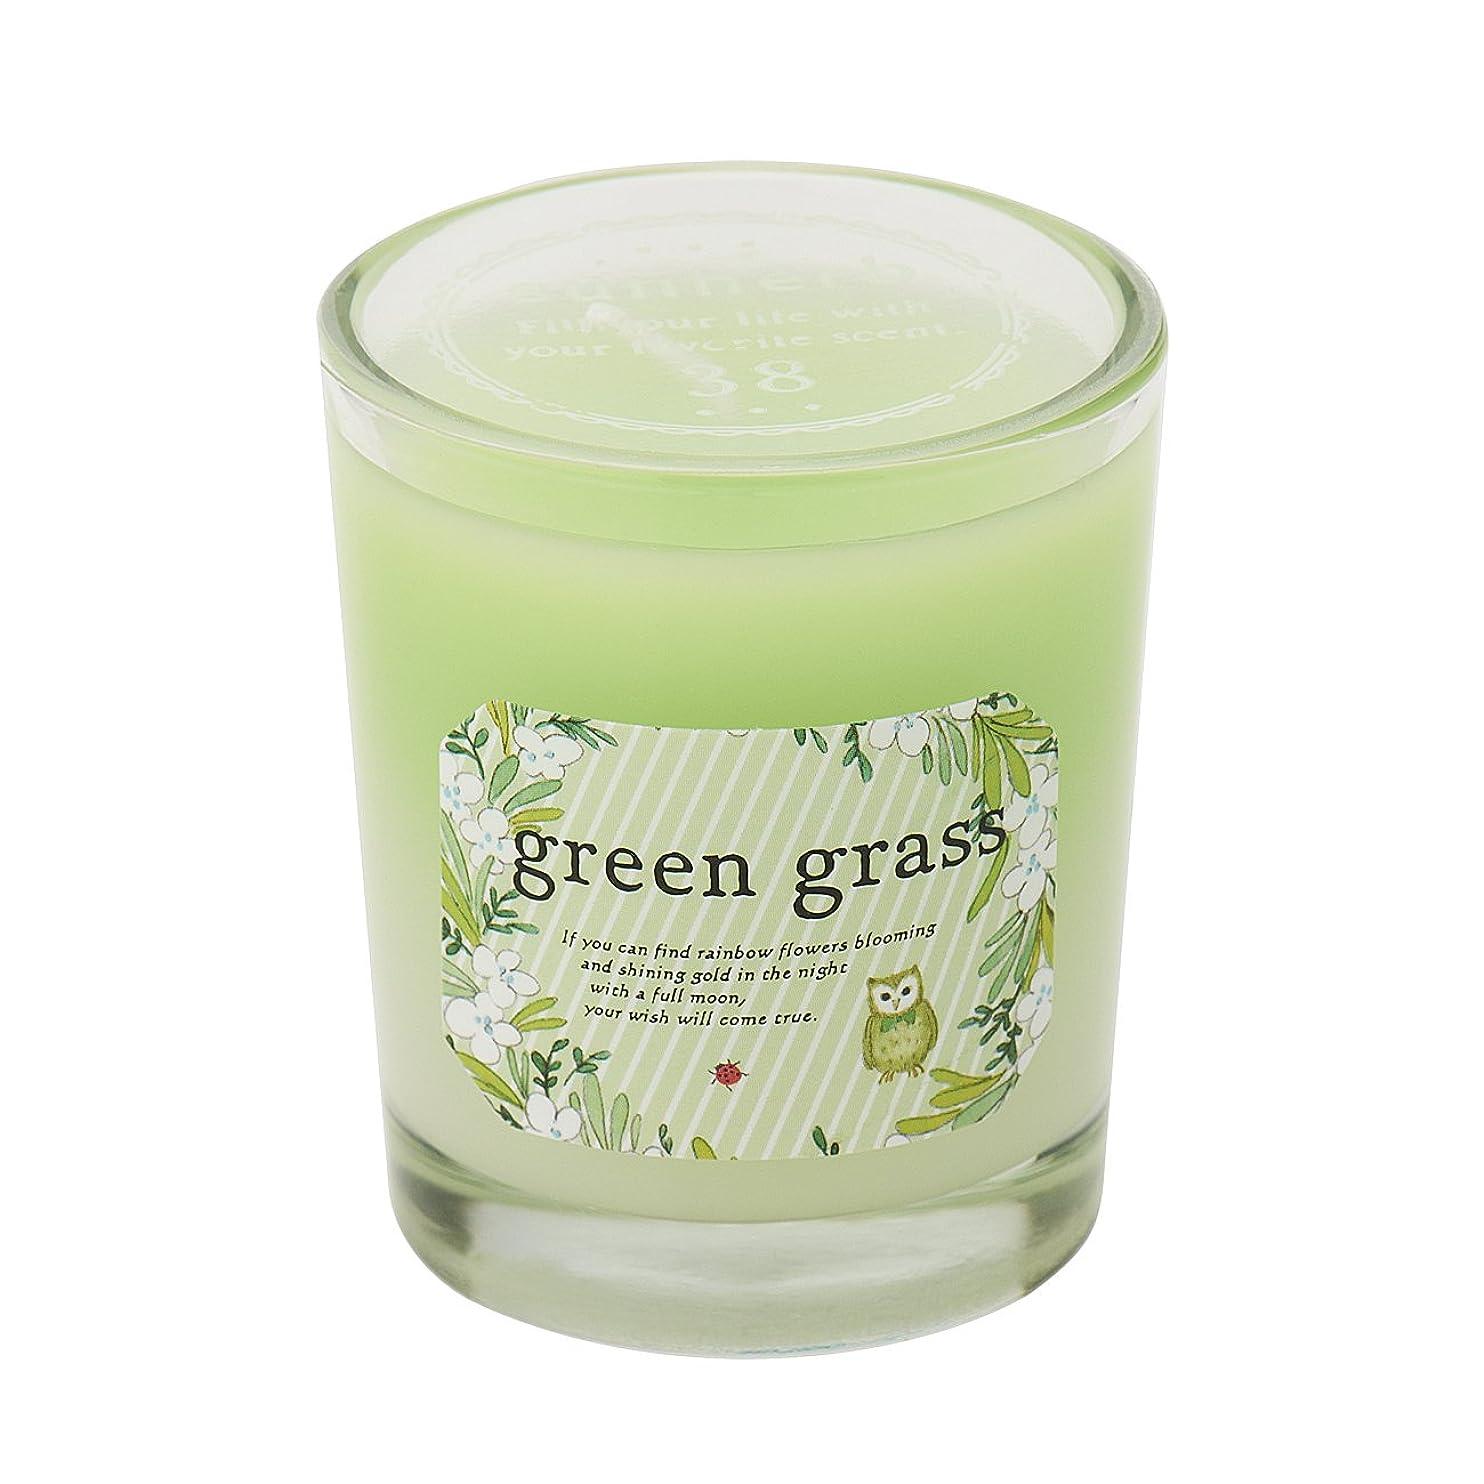 代理人推測降臨サンハーブ グラスキャンドル グリーングラス 35g(グラデーションろうそく 燃焼時間約10時間 爽やかでちょっと大人の香り)